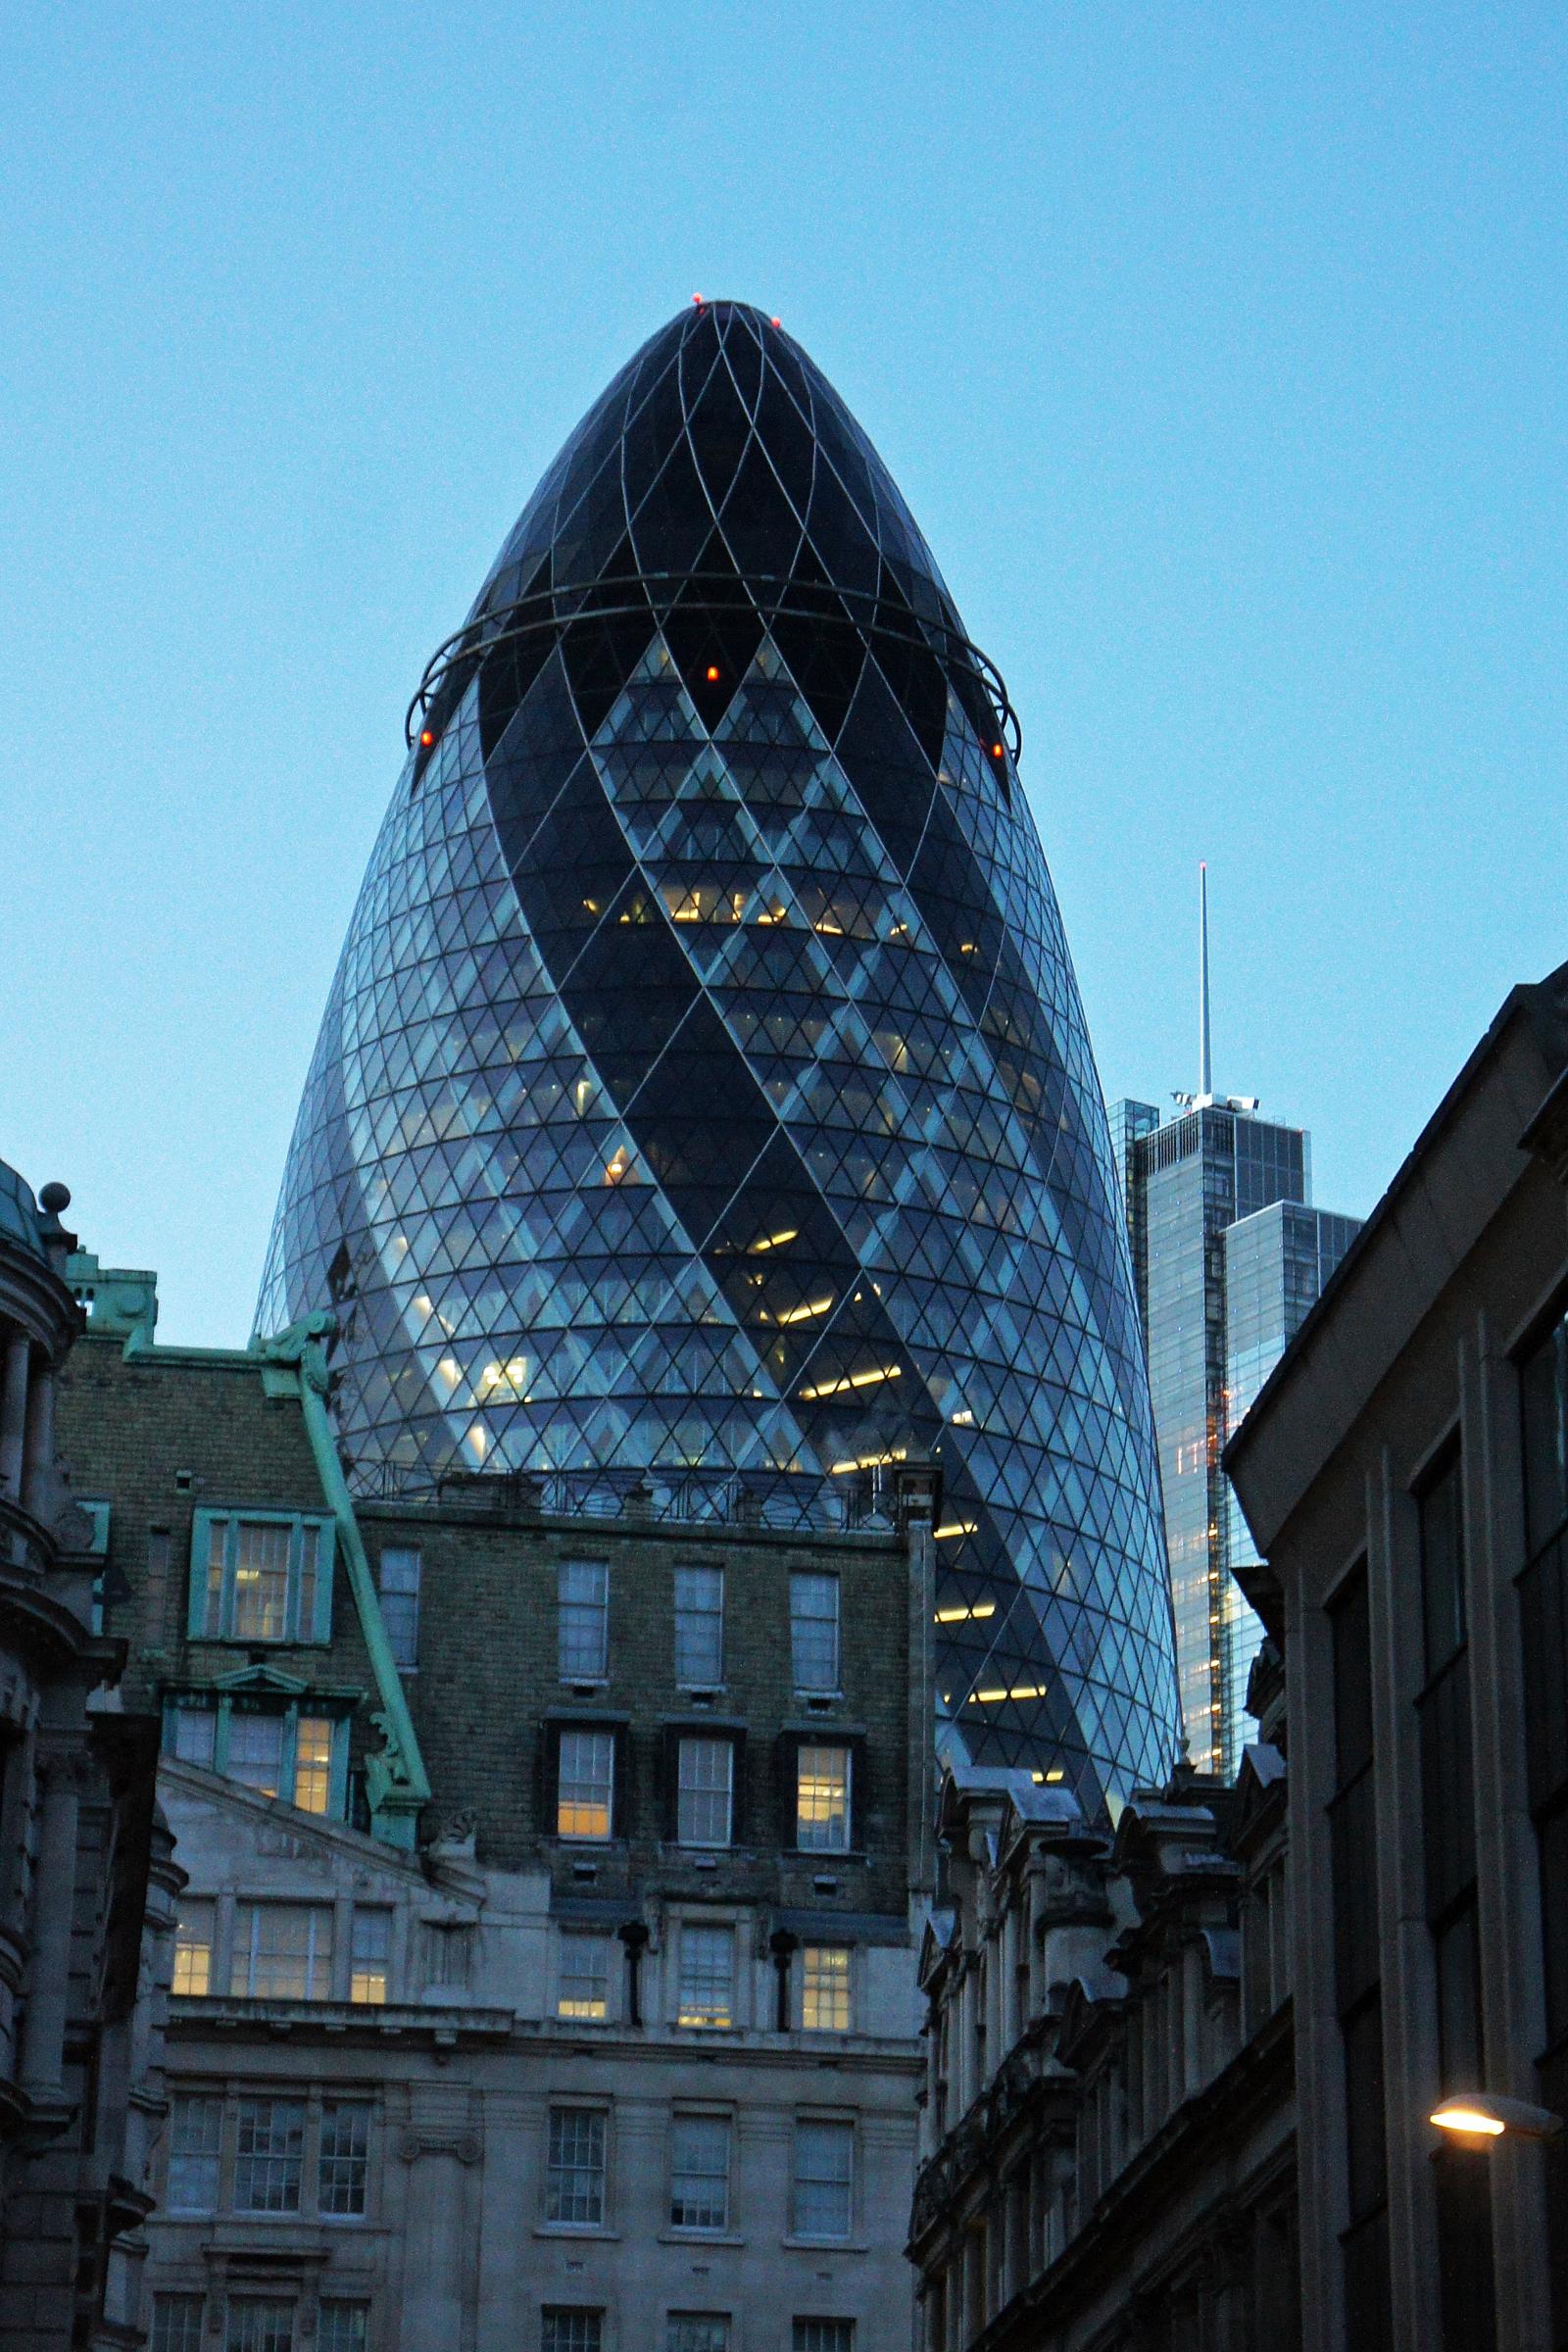 File:London 01 2013 The Gherkin 5258.JPG - Wikimedia Commons